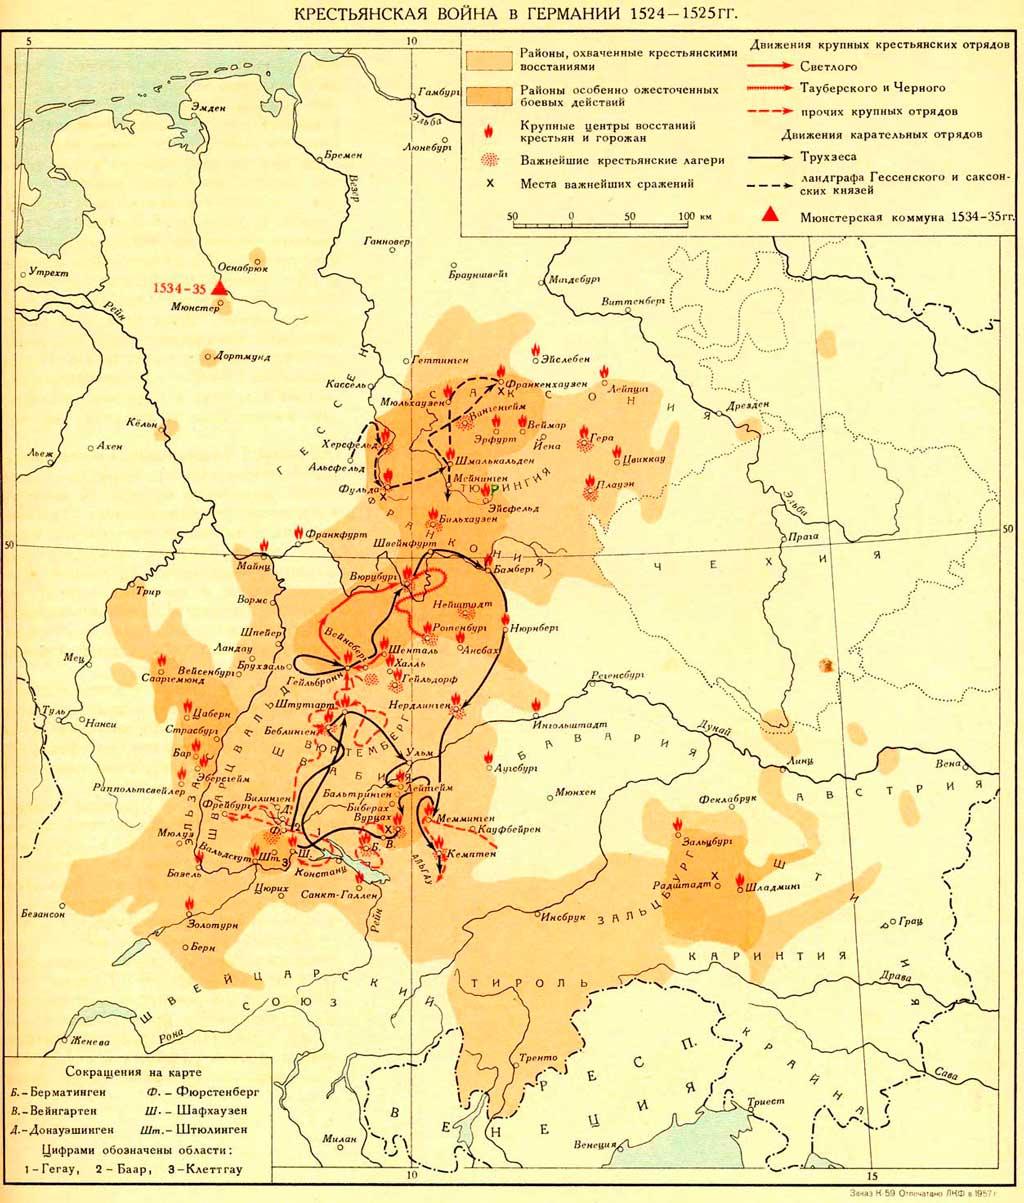 map-peasant-war-1524-25.jpg